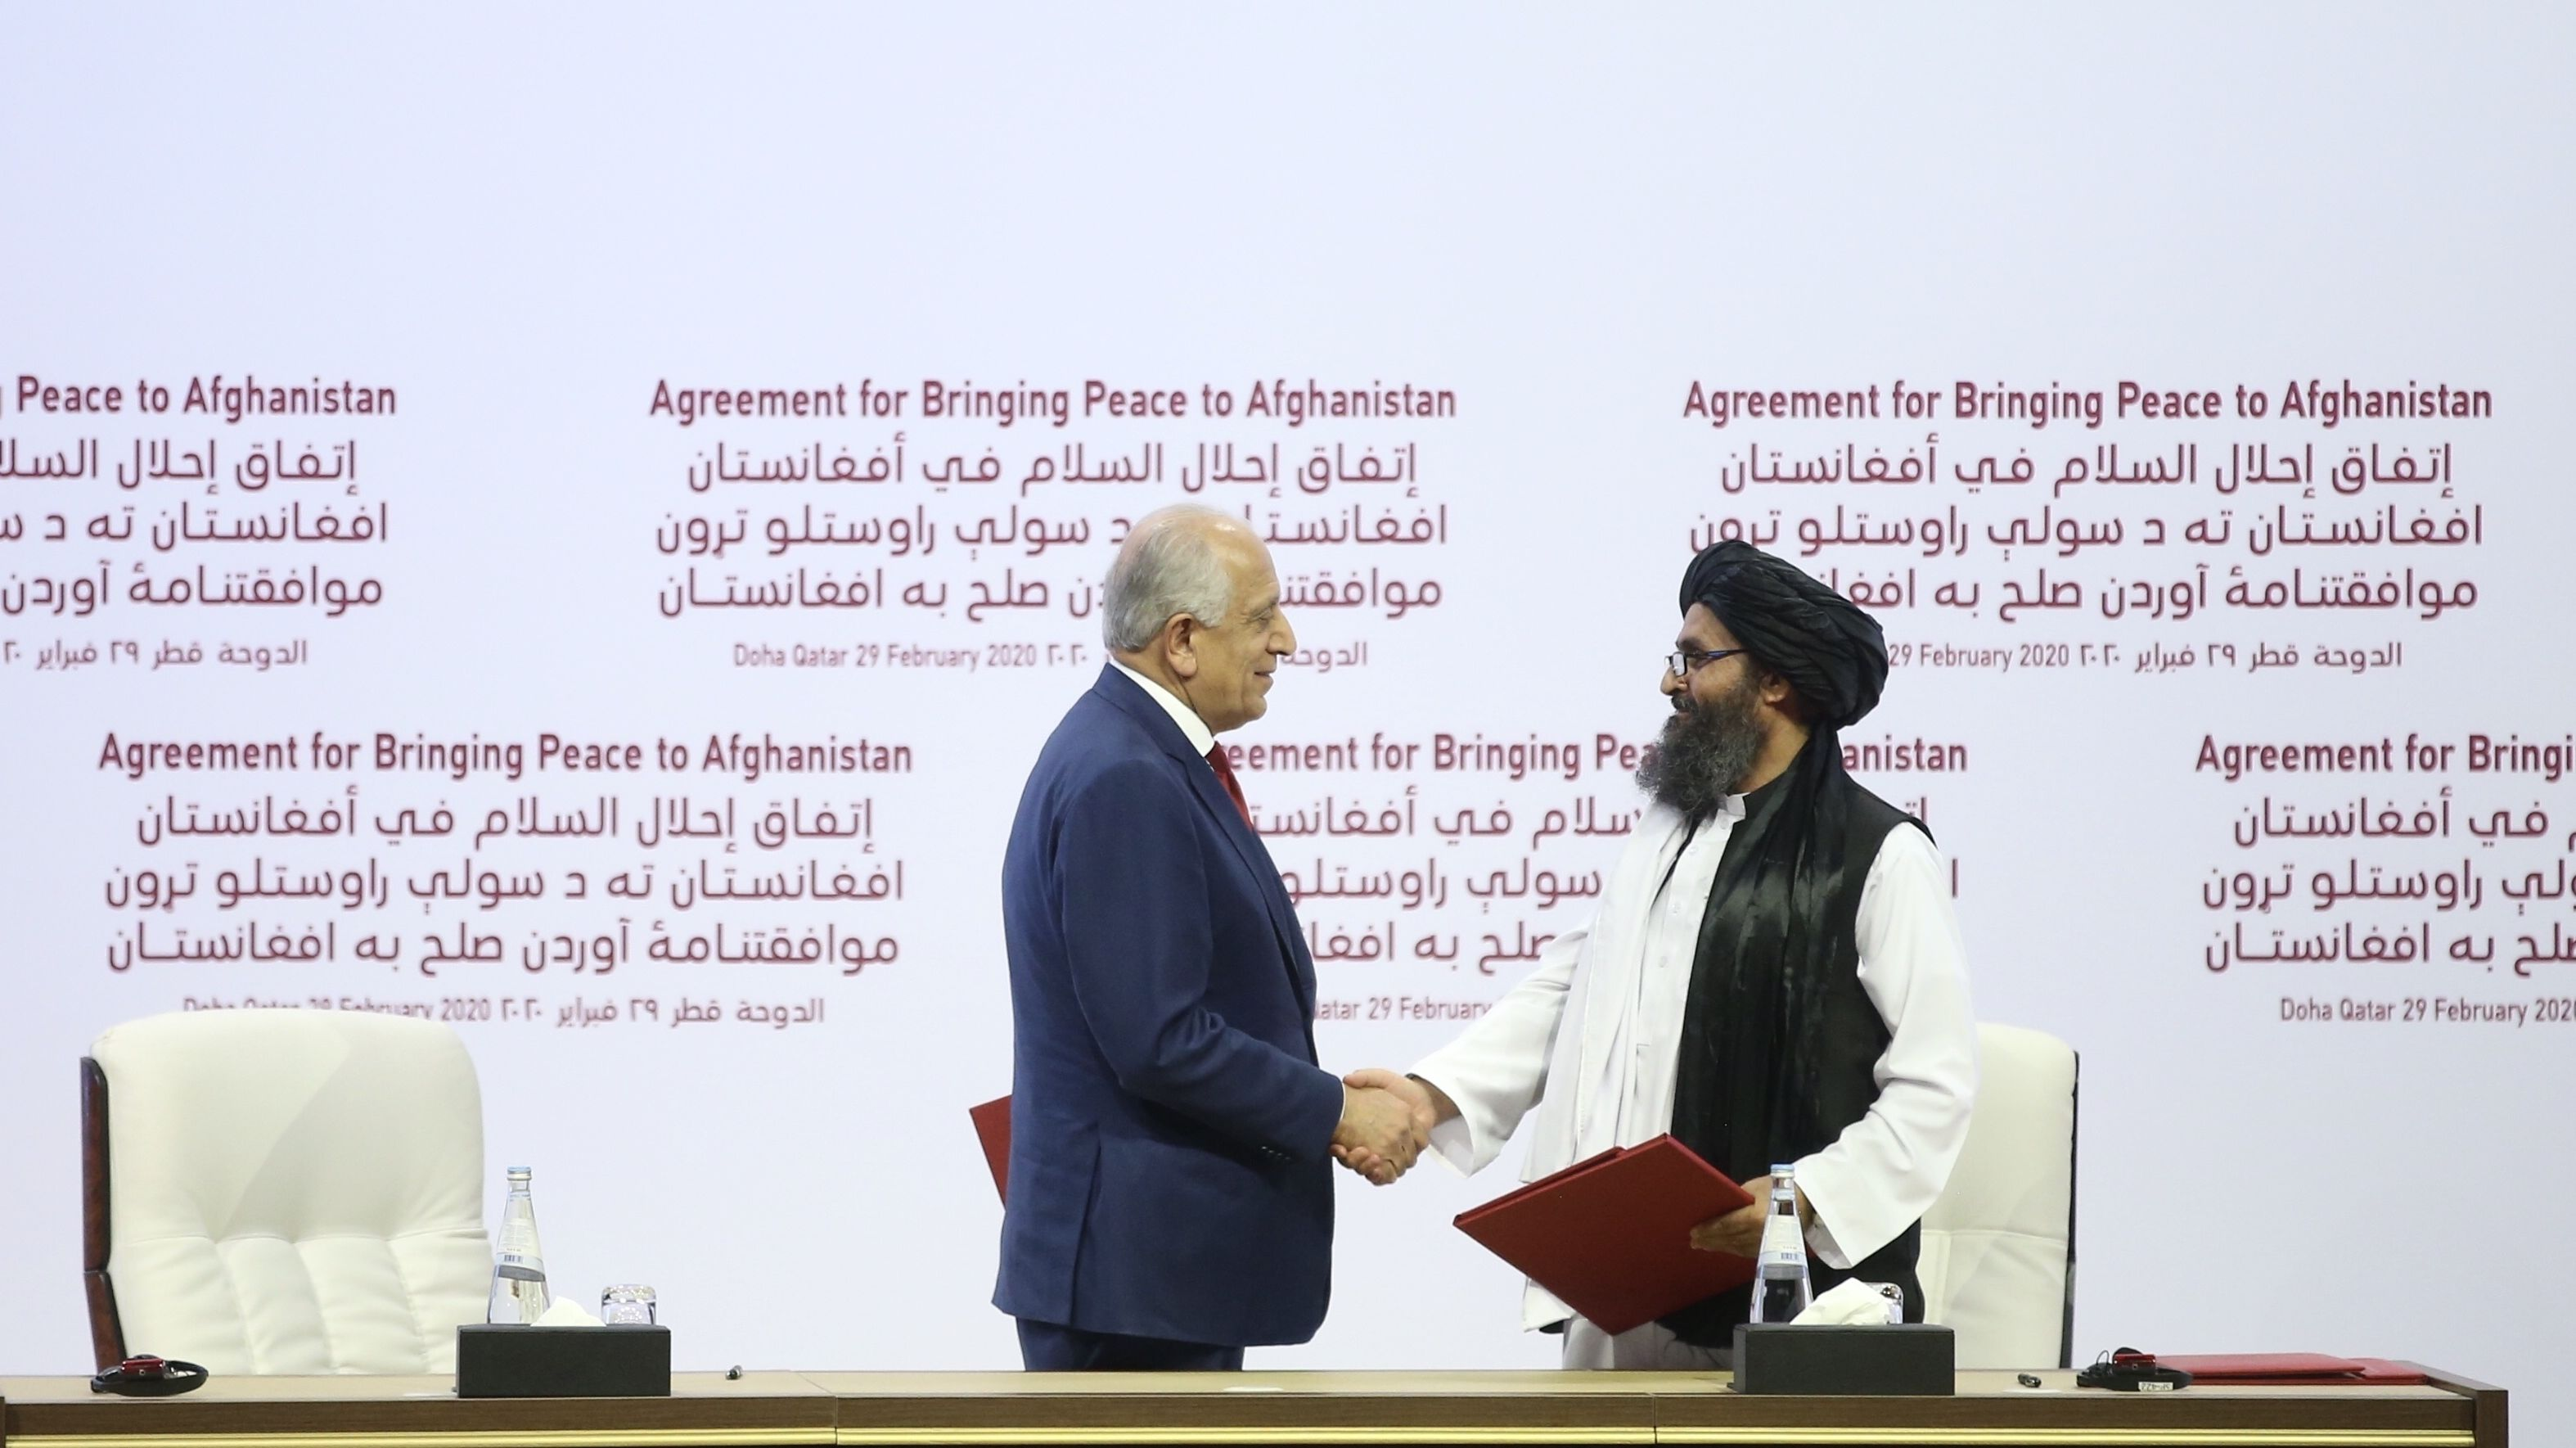 Vertreter der USA und der Taliban unterzeichnen Vereinbarung